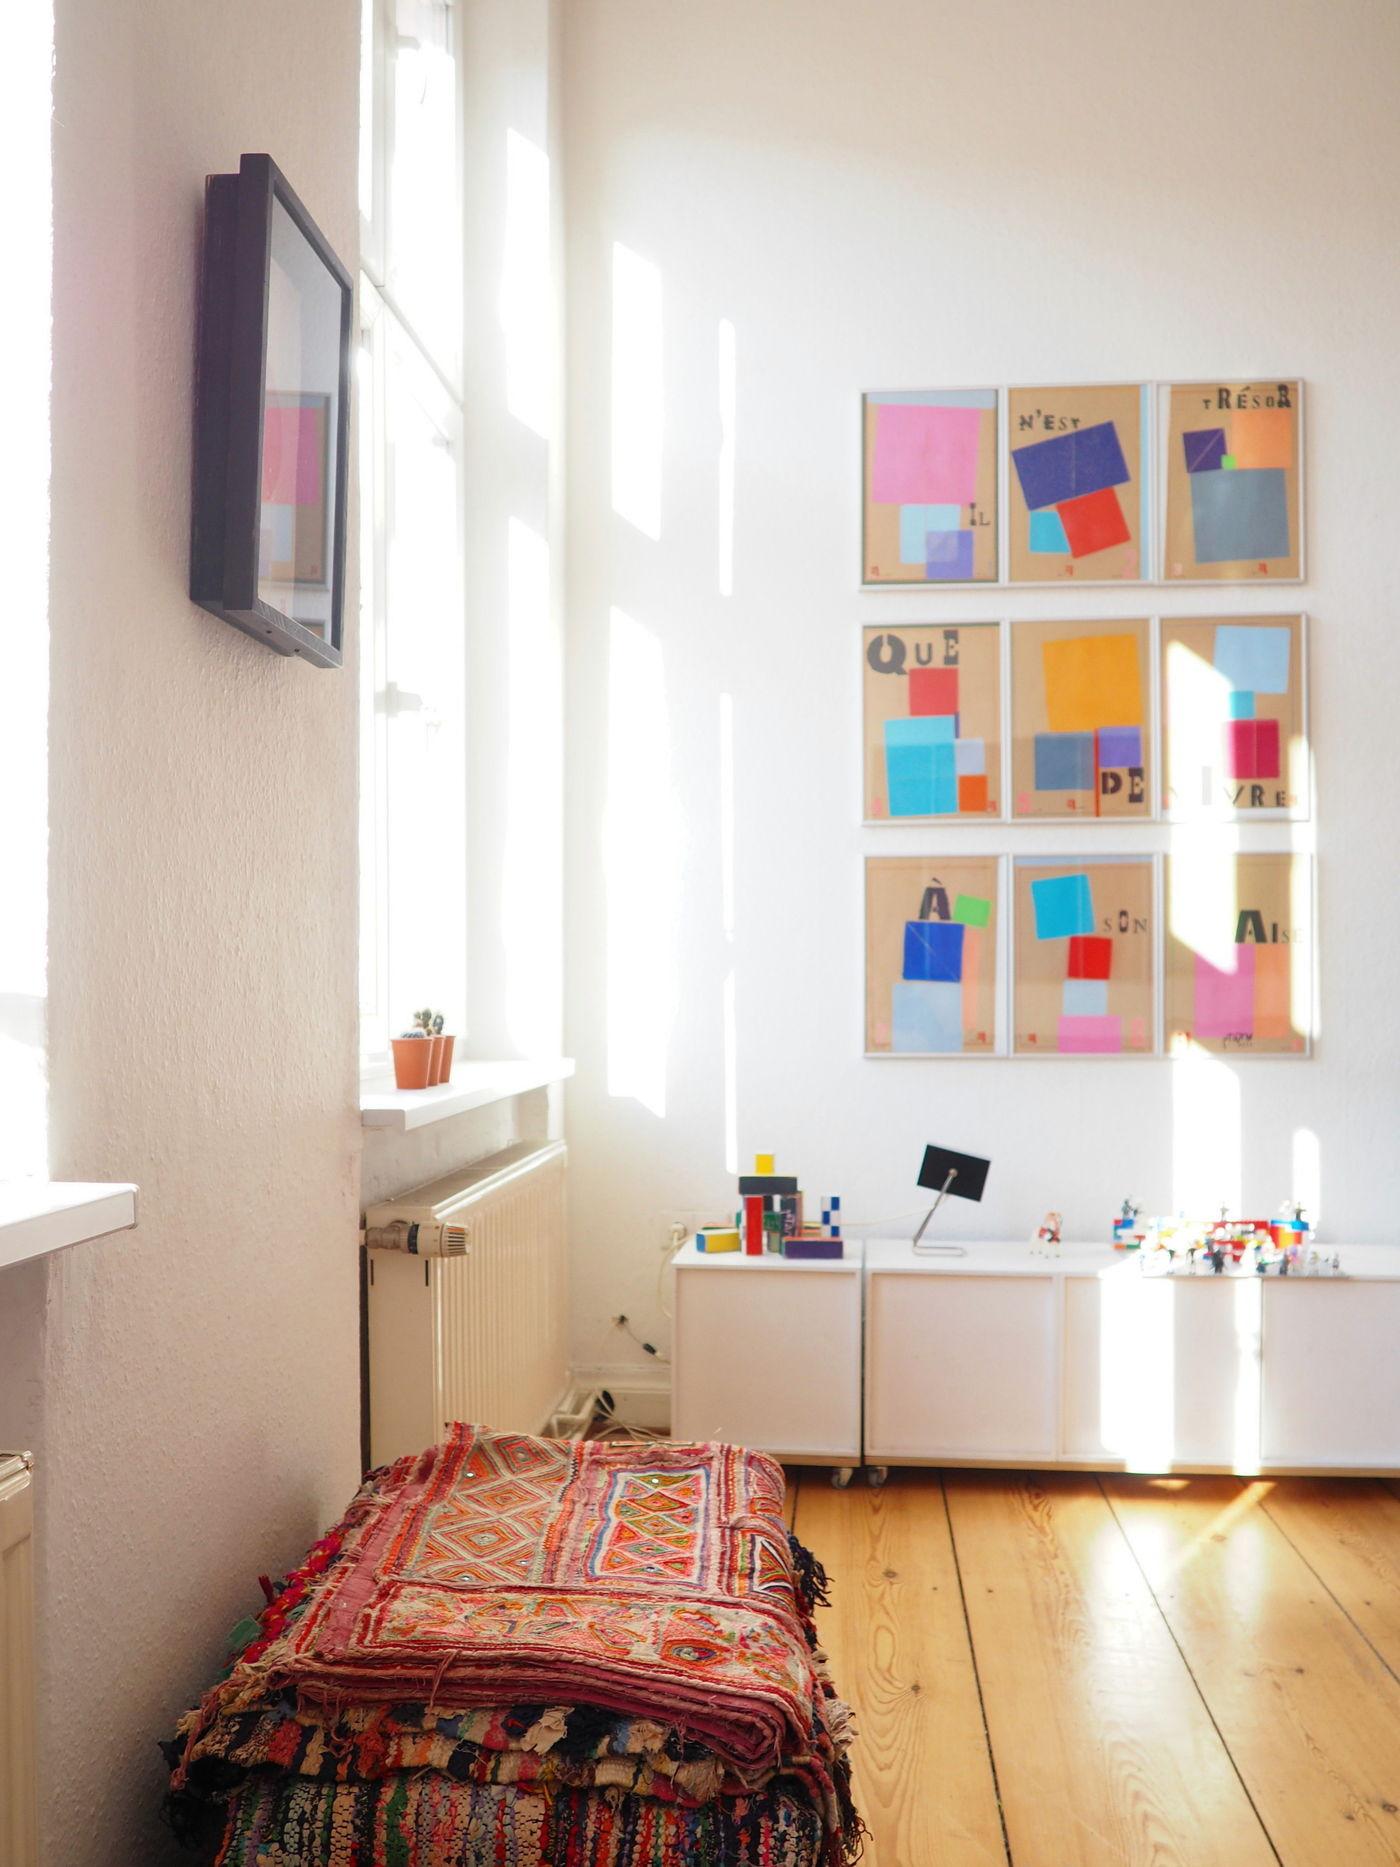 bilder aufh ngen die besten tipps tricks und. Black Bedroom Furniture Sets. Home Design Ideas